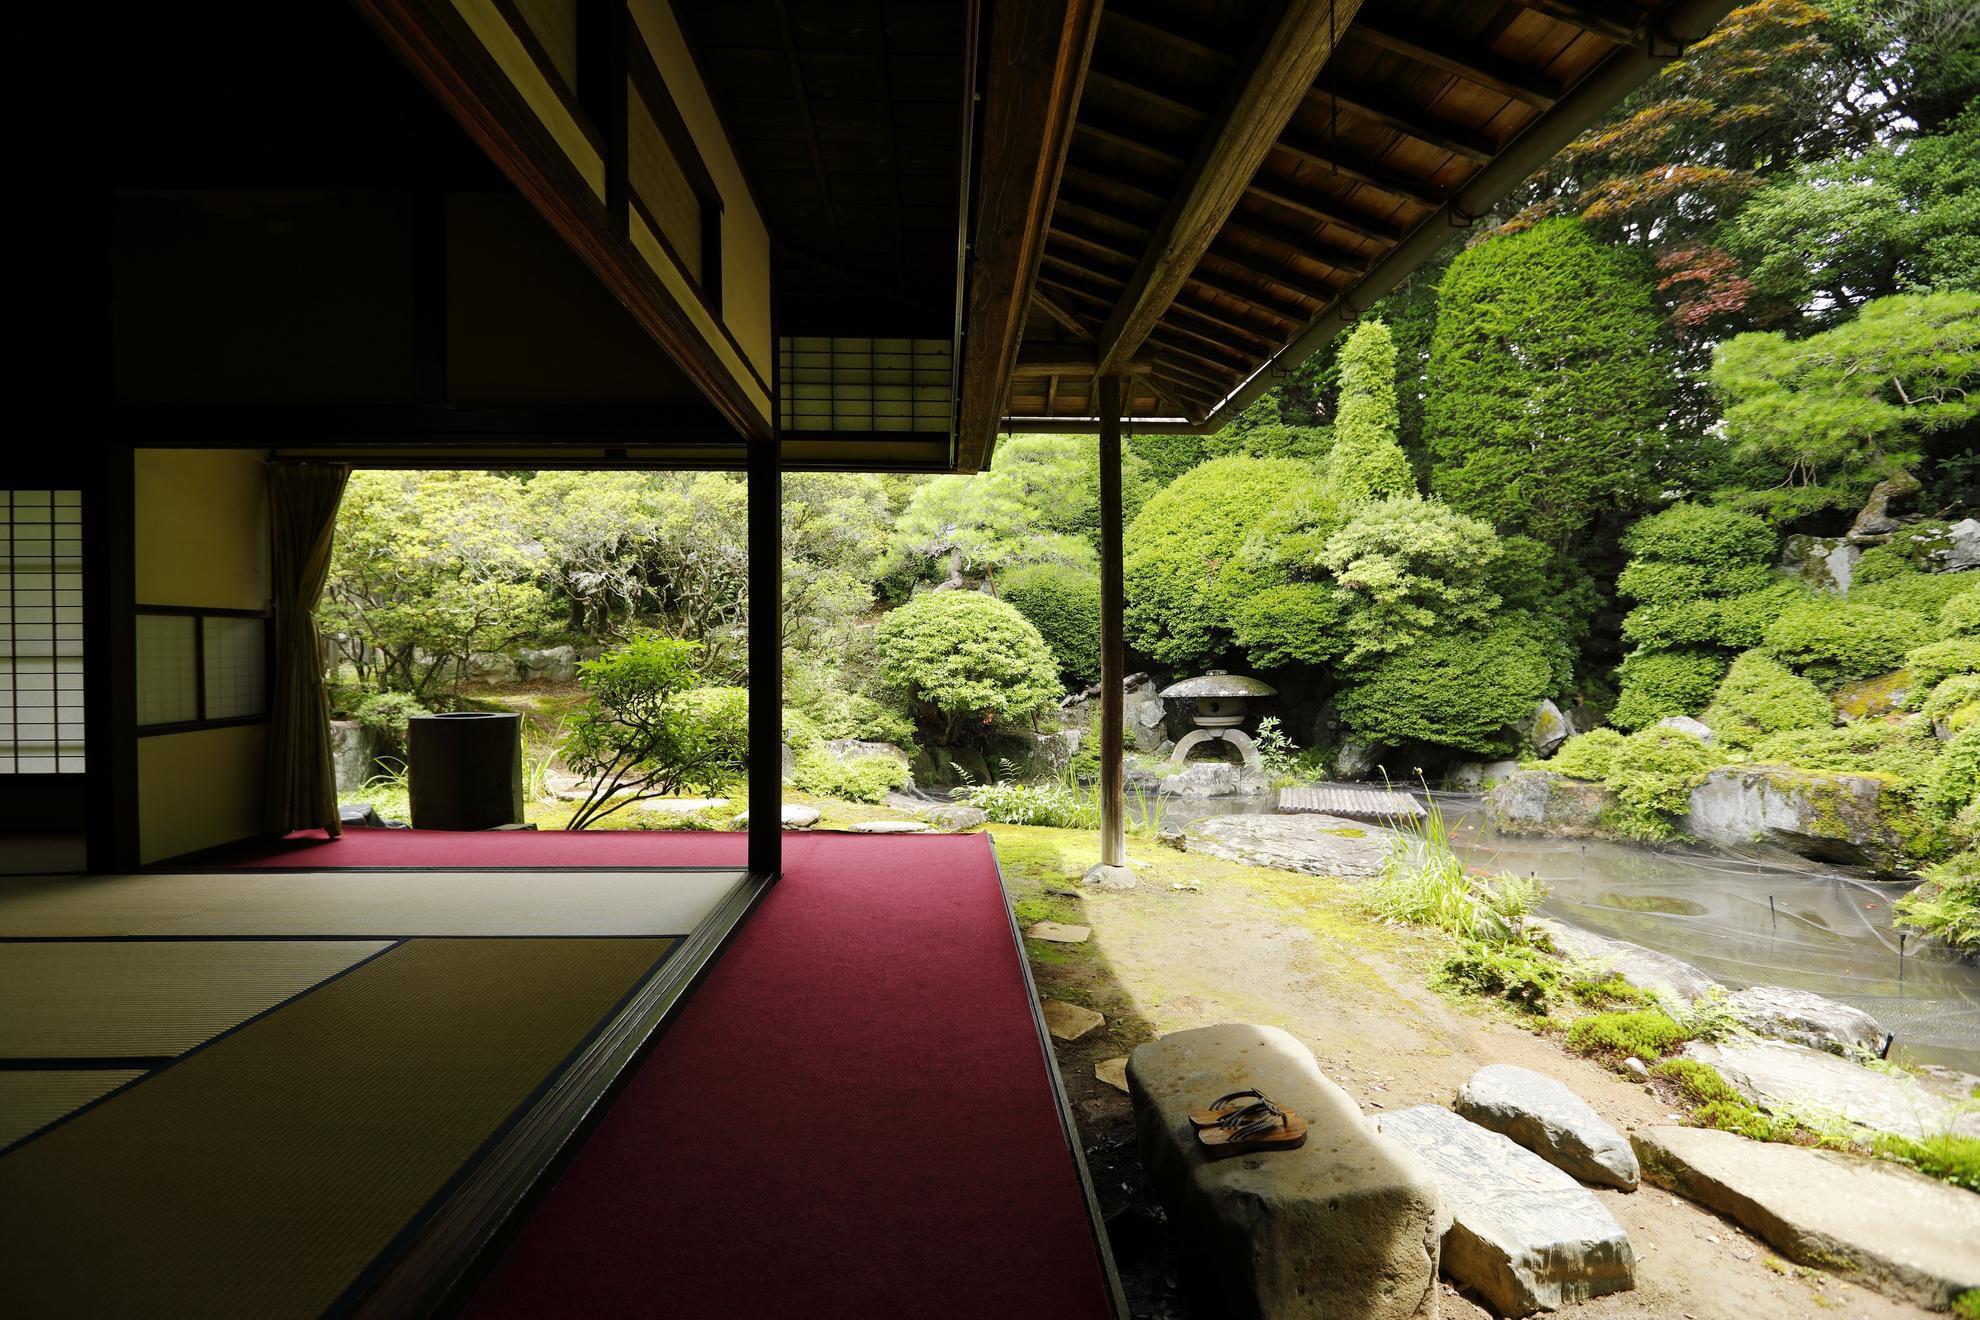 中山道下諏訪宿 本陣 岩波家 Honjin Iwanami House in Shimosuwa Post Station on Nakasendo Road